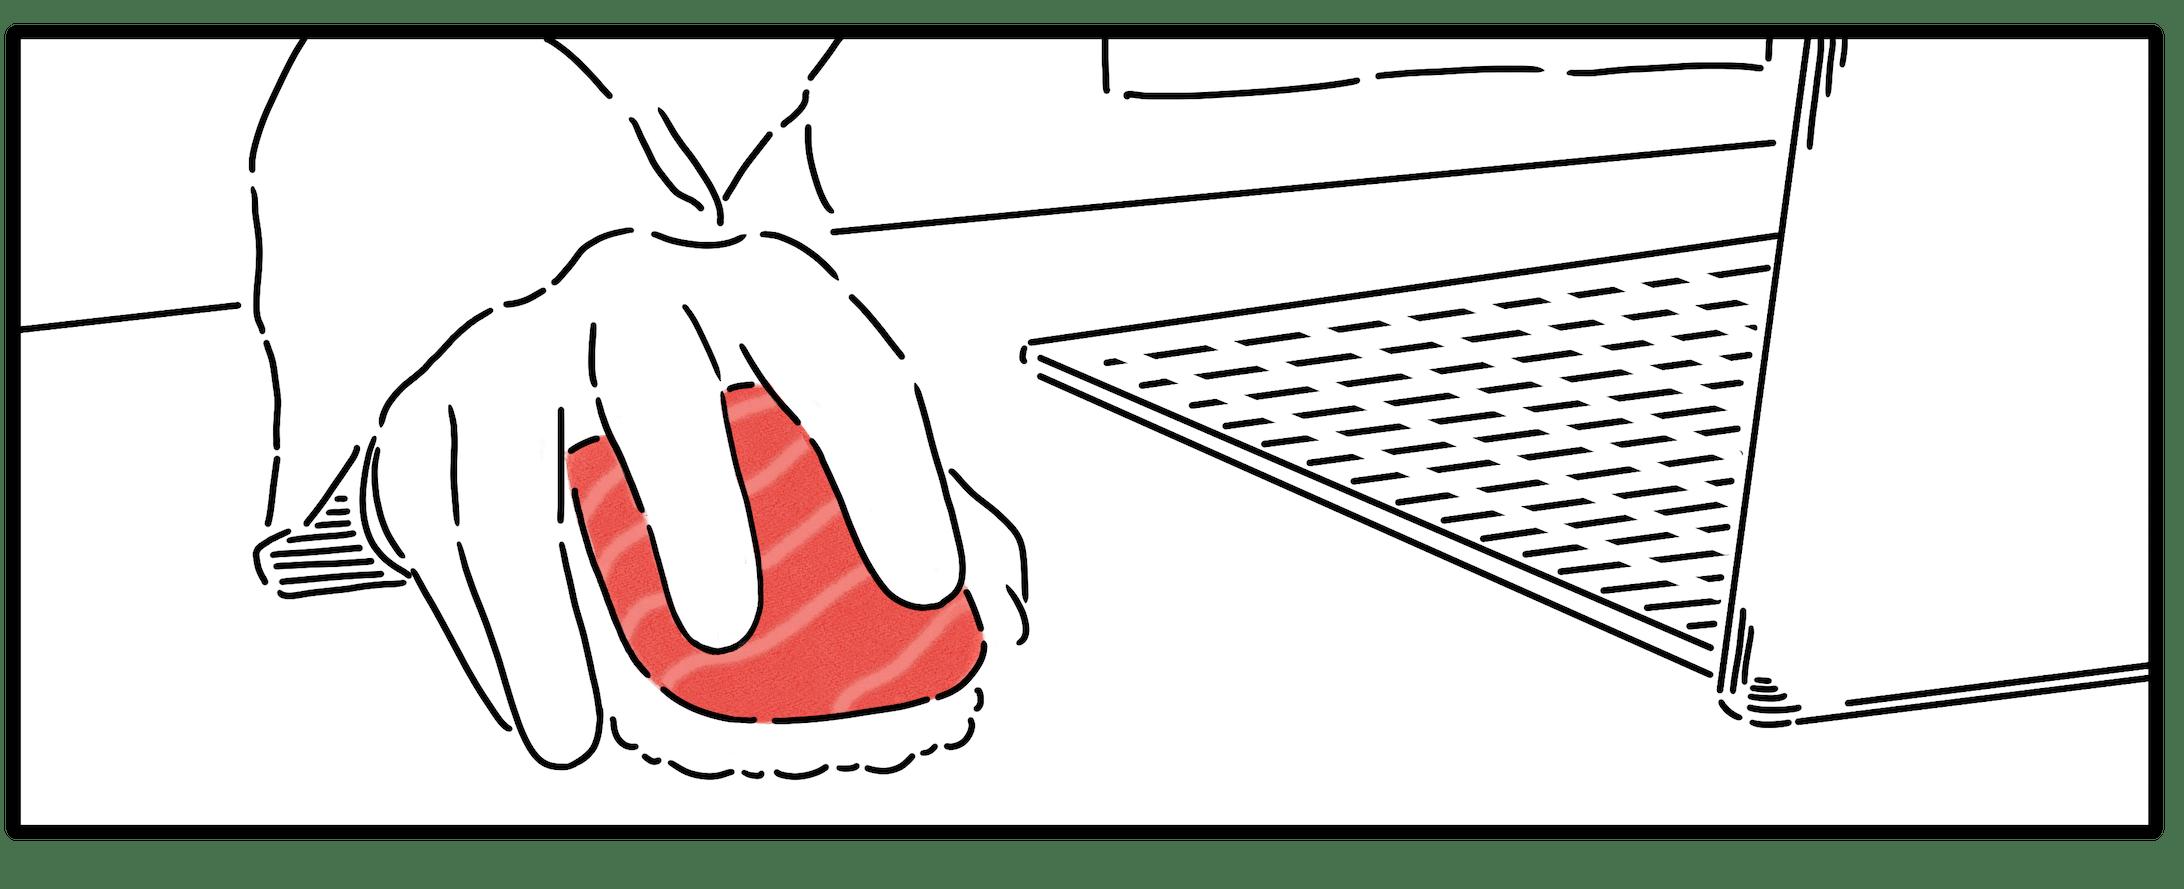 マウスかと思ったら寿司を握っている人のイラスト-1